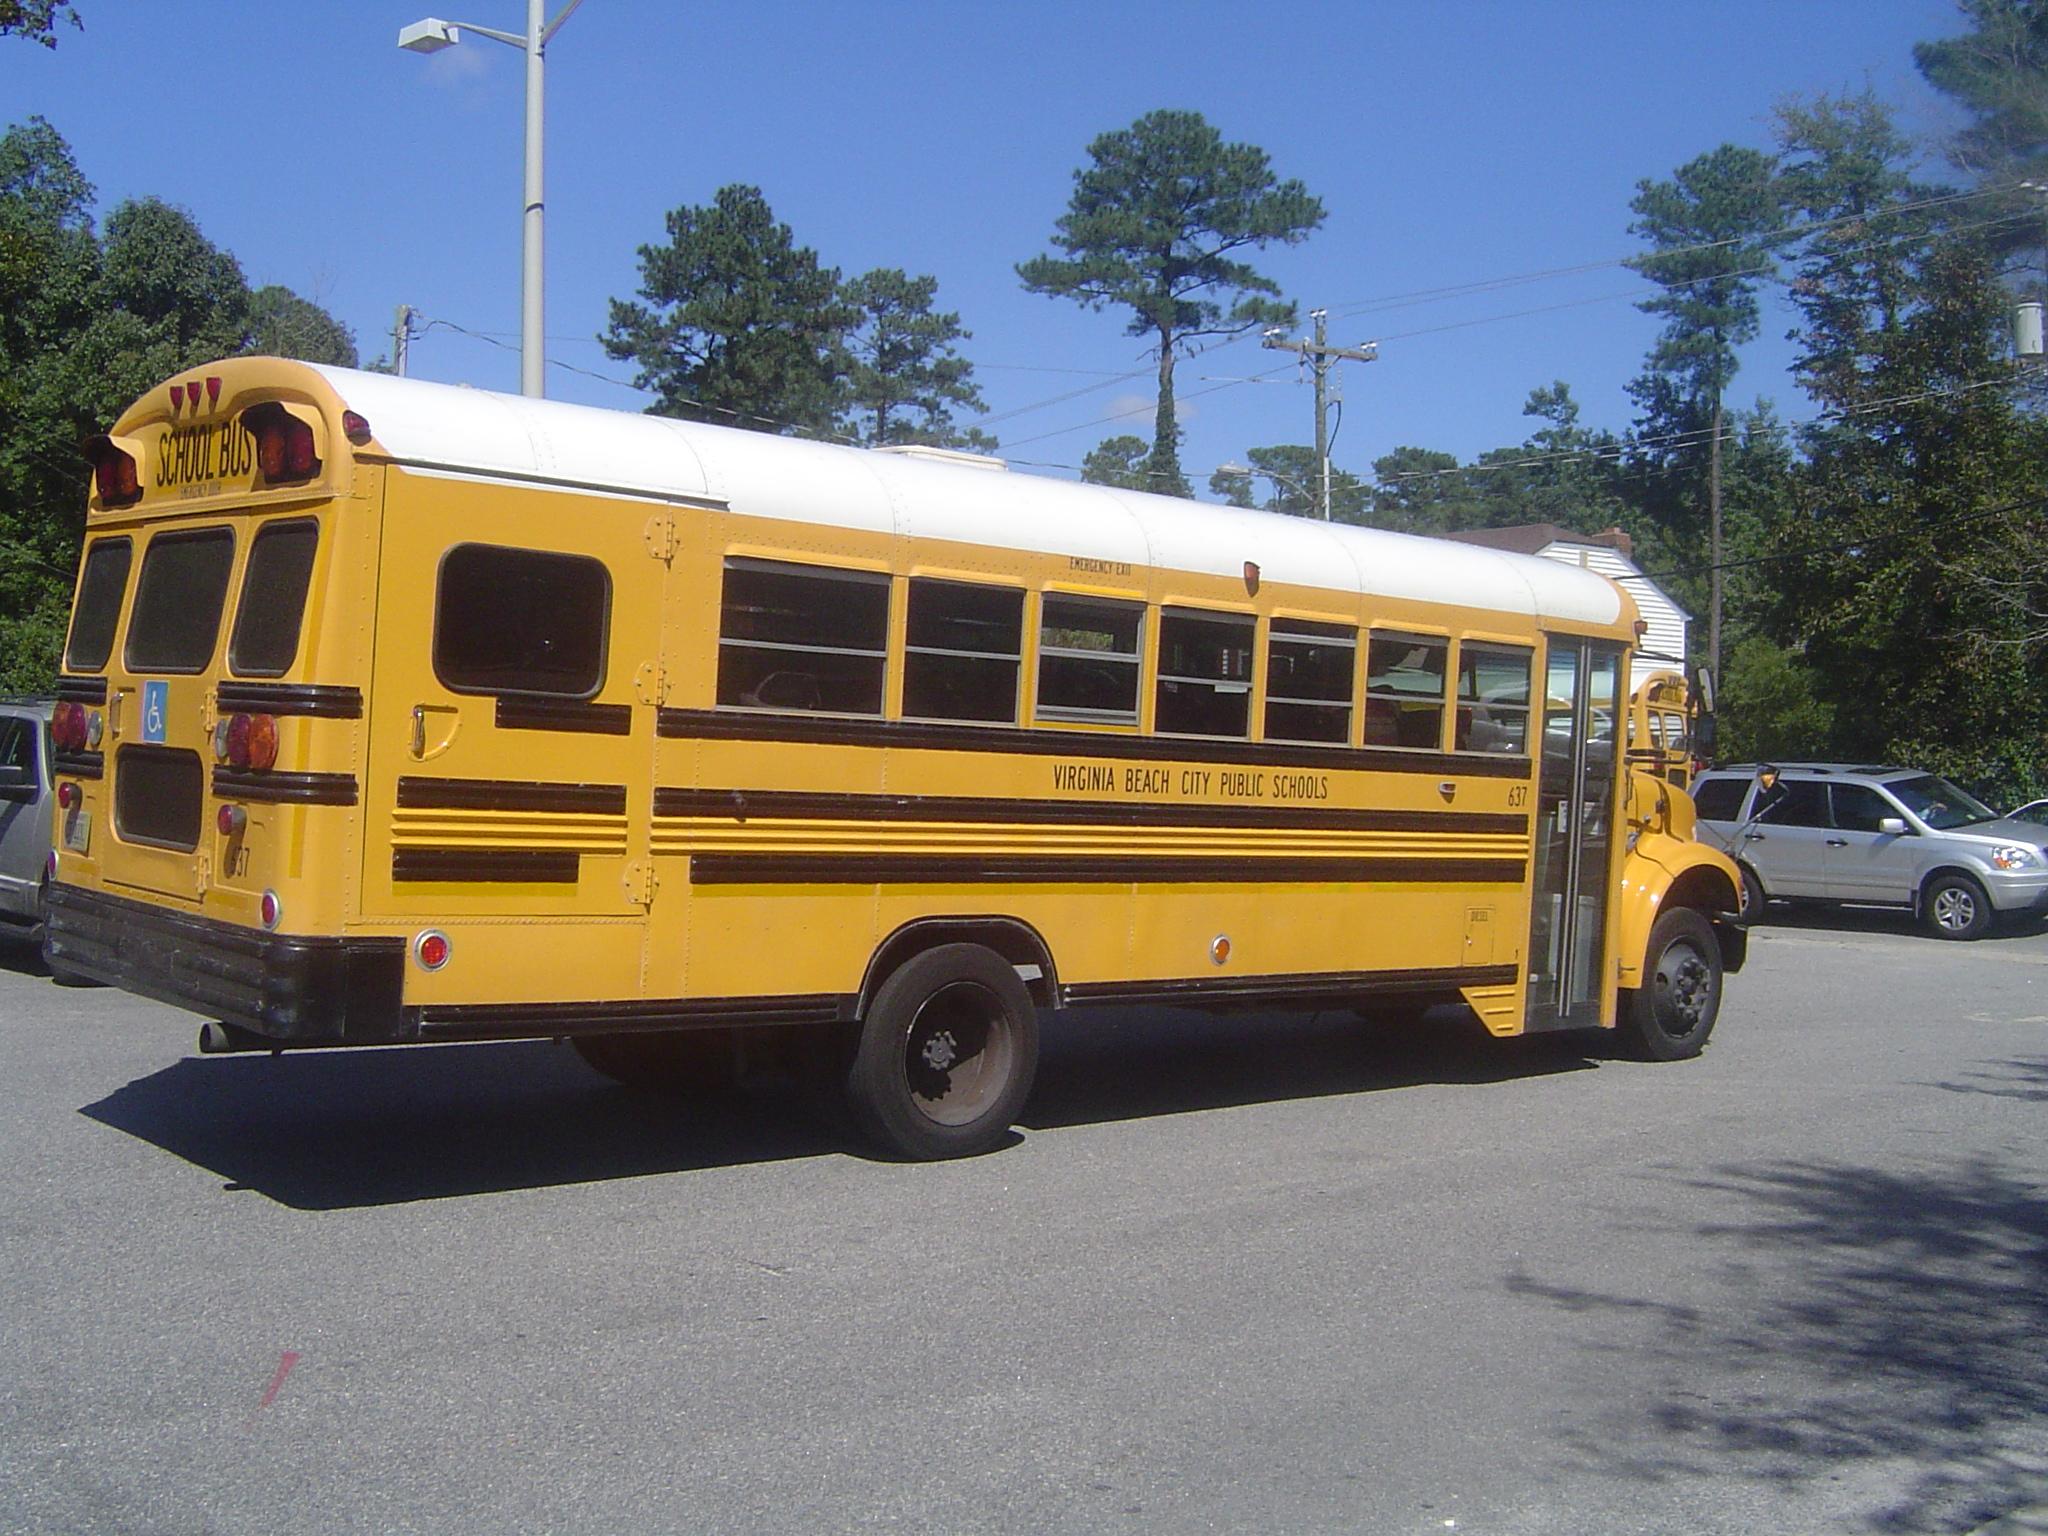 File:Pictureofschoolbus.jpg